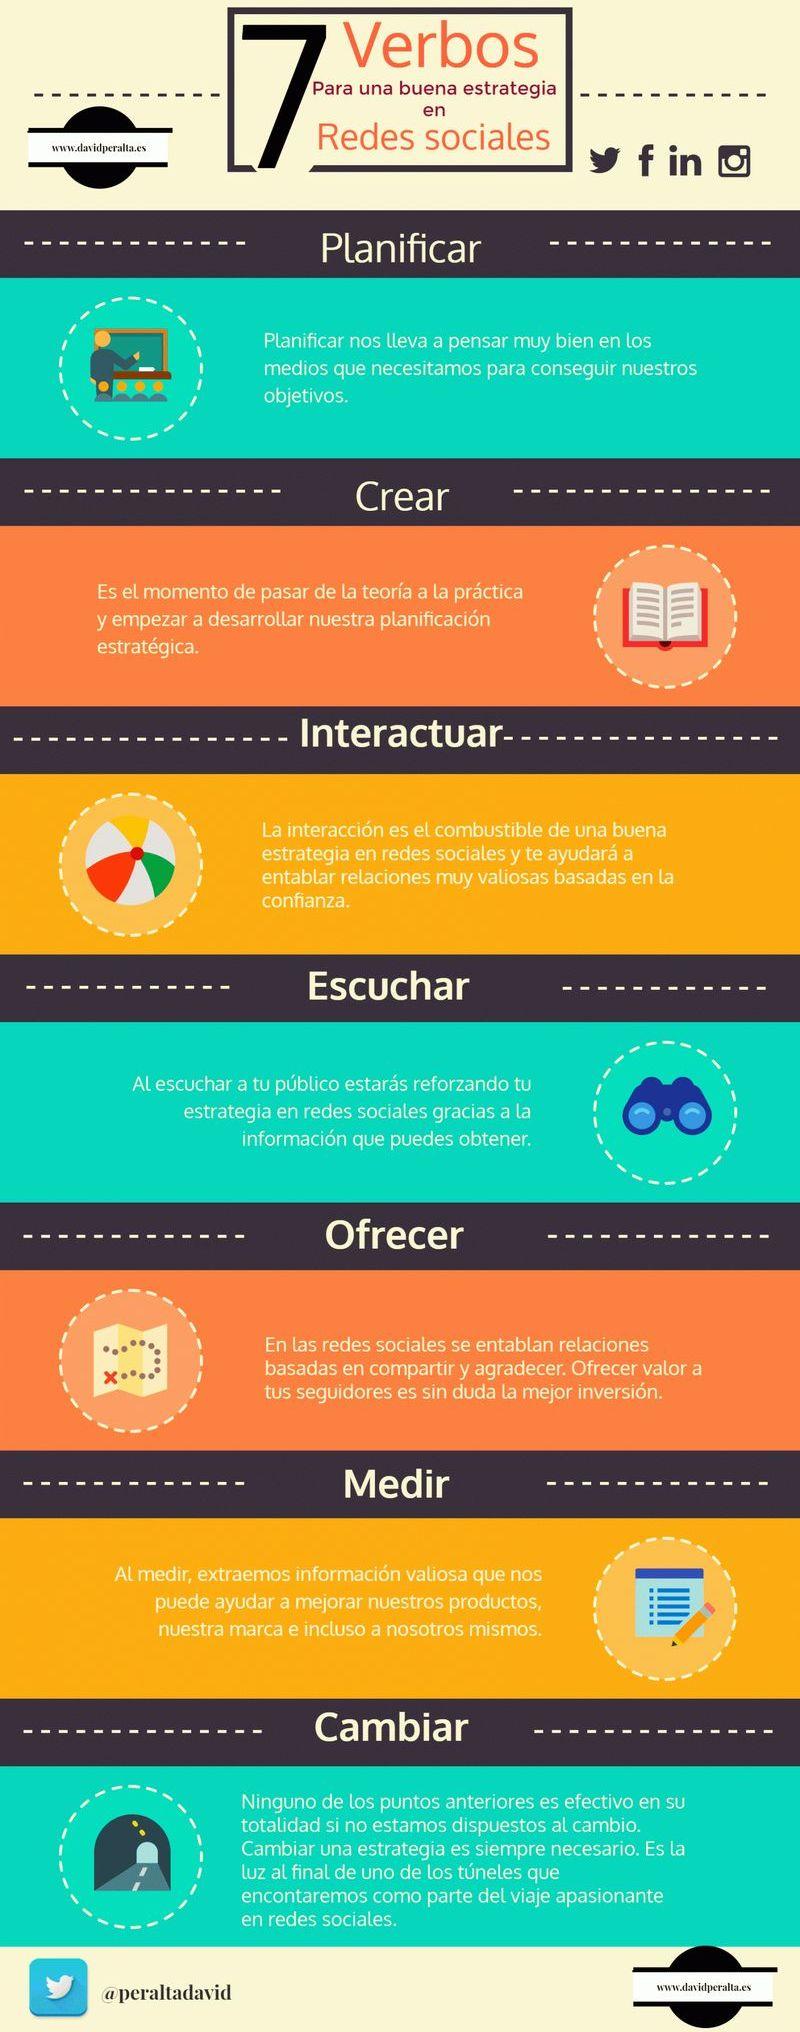 7 verbos que debes usar para tu Estrategia en las Redes Sociales (infografía)